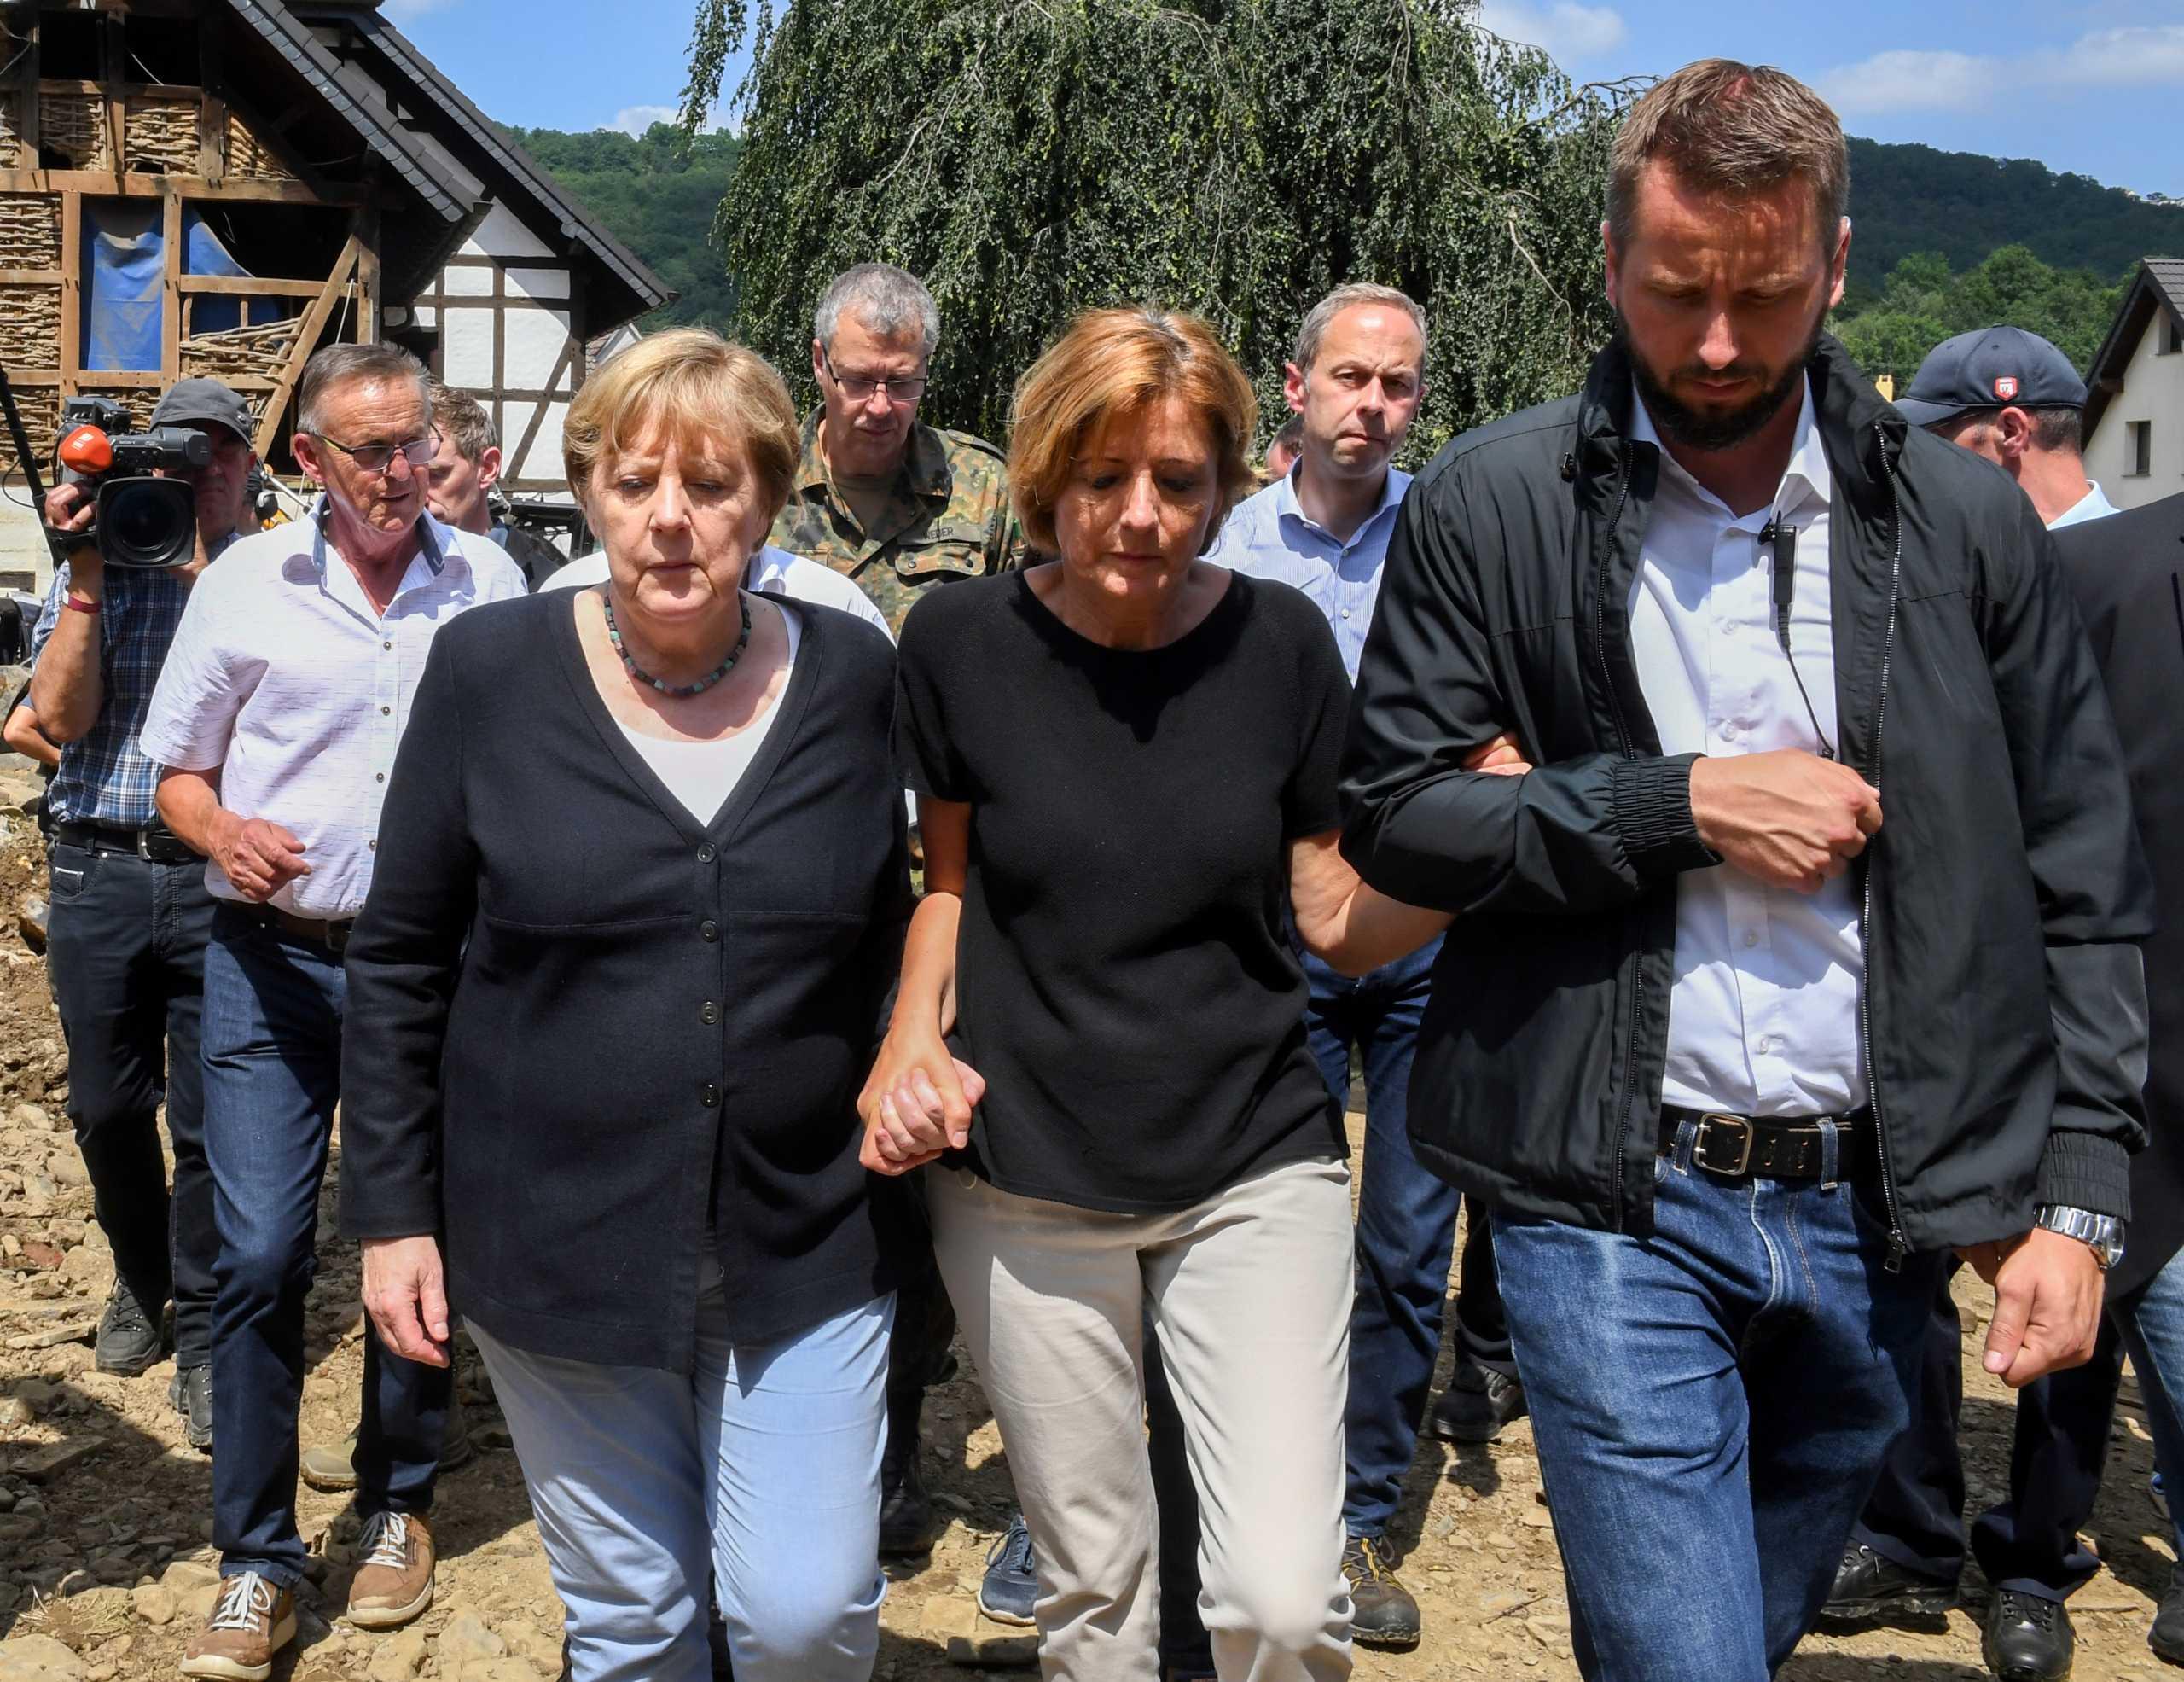 Γερμανία: Συγκλονισμένη Μέρκελ στον τόπο της τραγωδίας